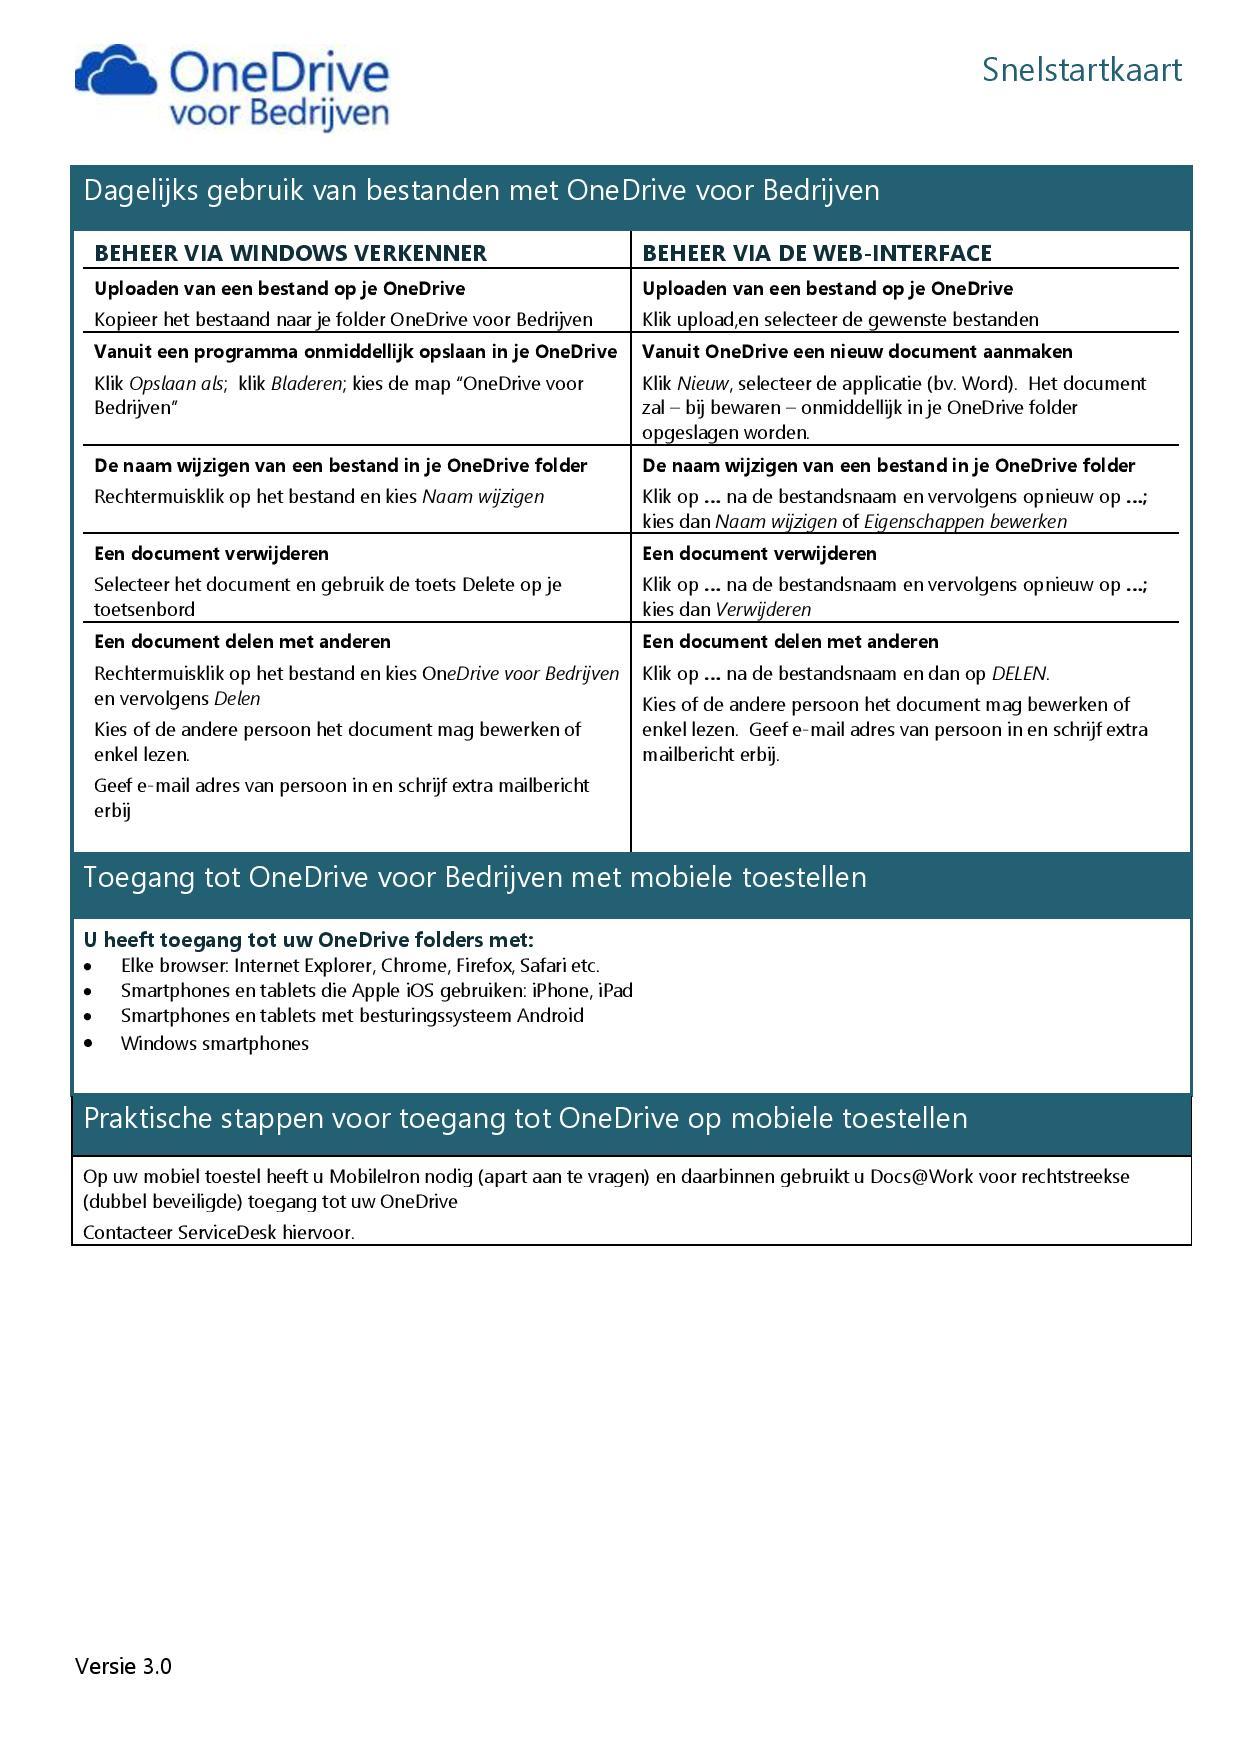 Snelstartkaart OneDrive Private - 2